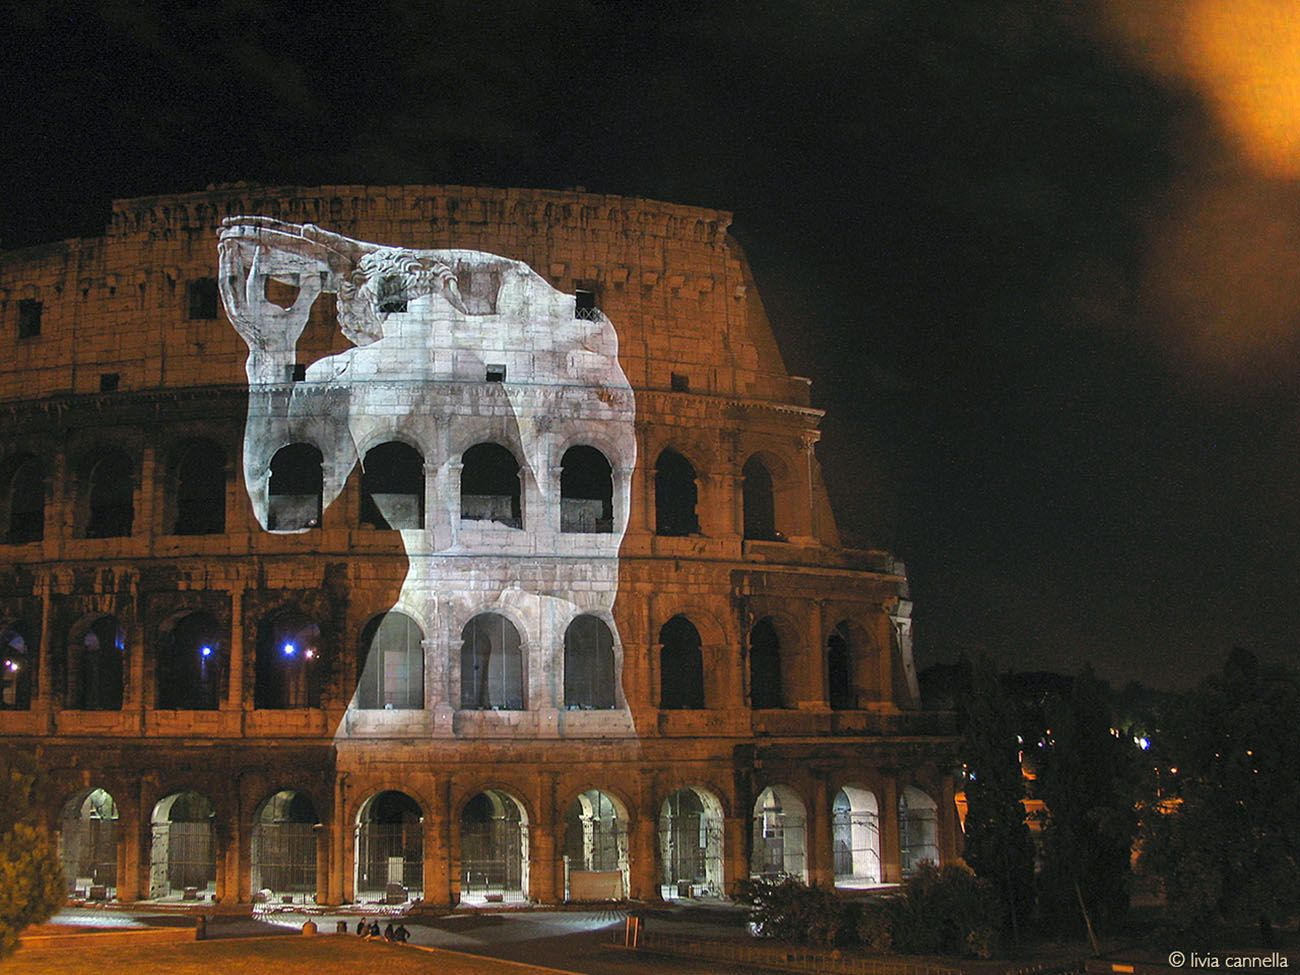 Roma raccontata dall 39 architetto livia cannella artribune for Architettura e design roma